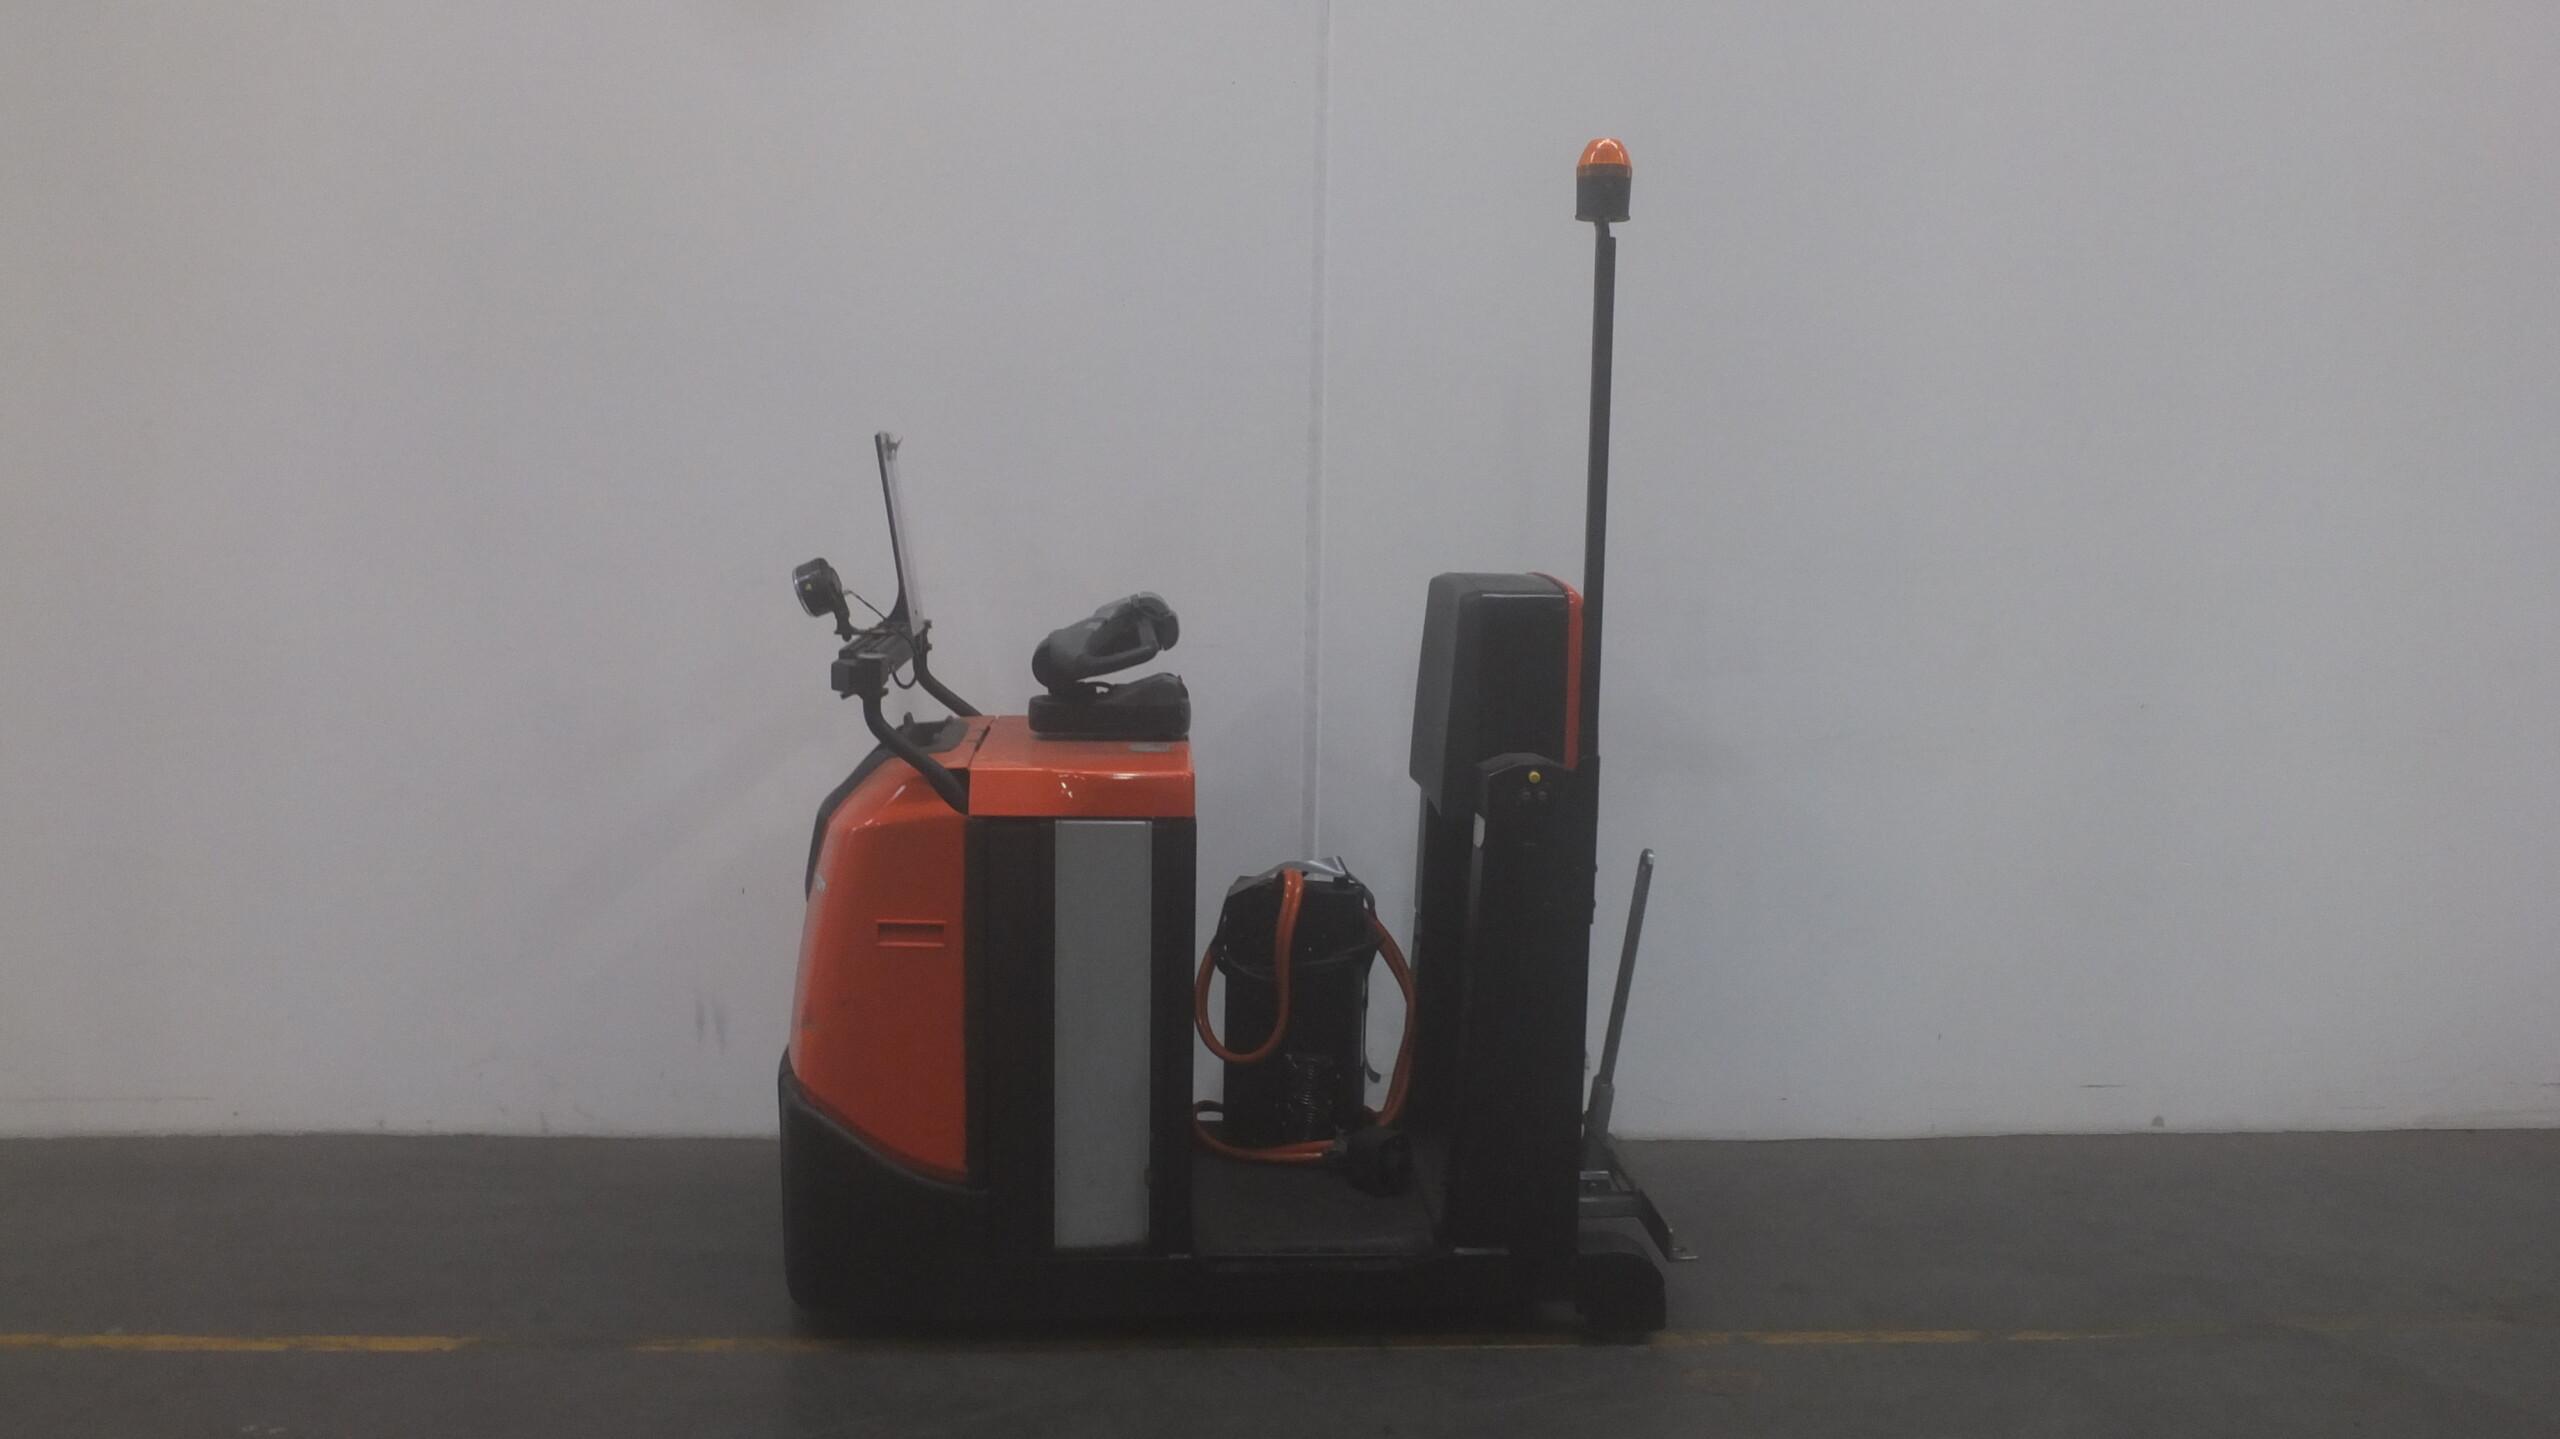 Toyota-Gabelstapler-59840 1803018151 1 9 scaled